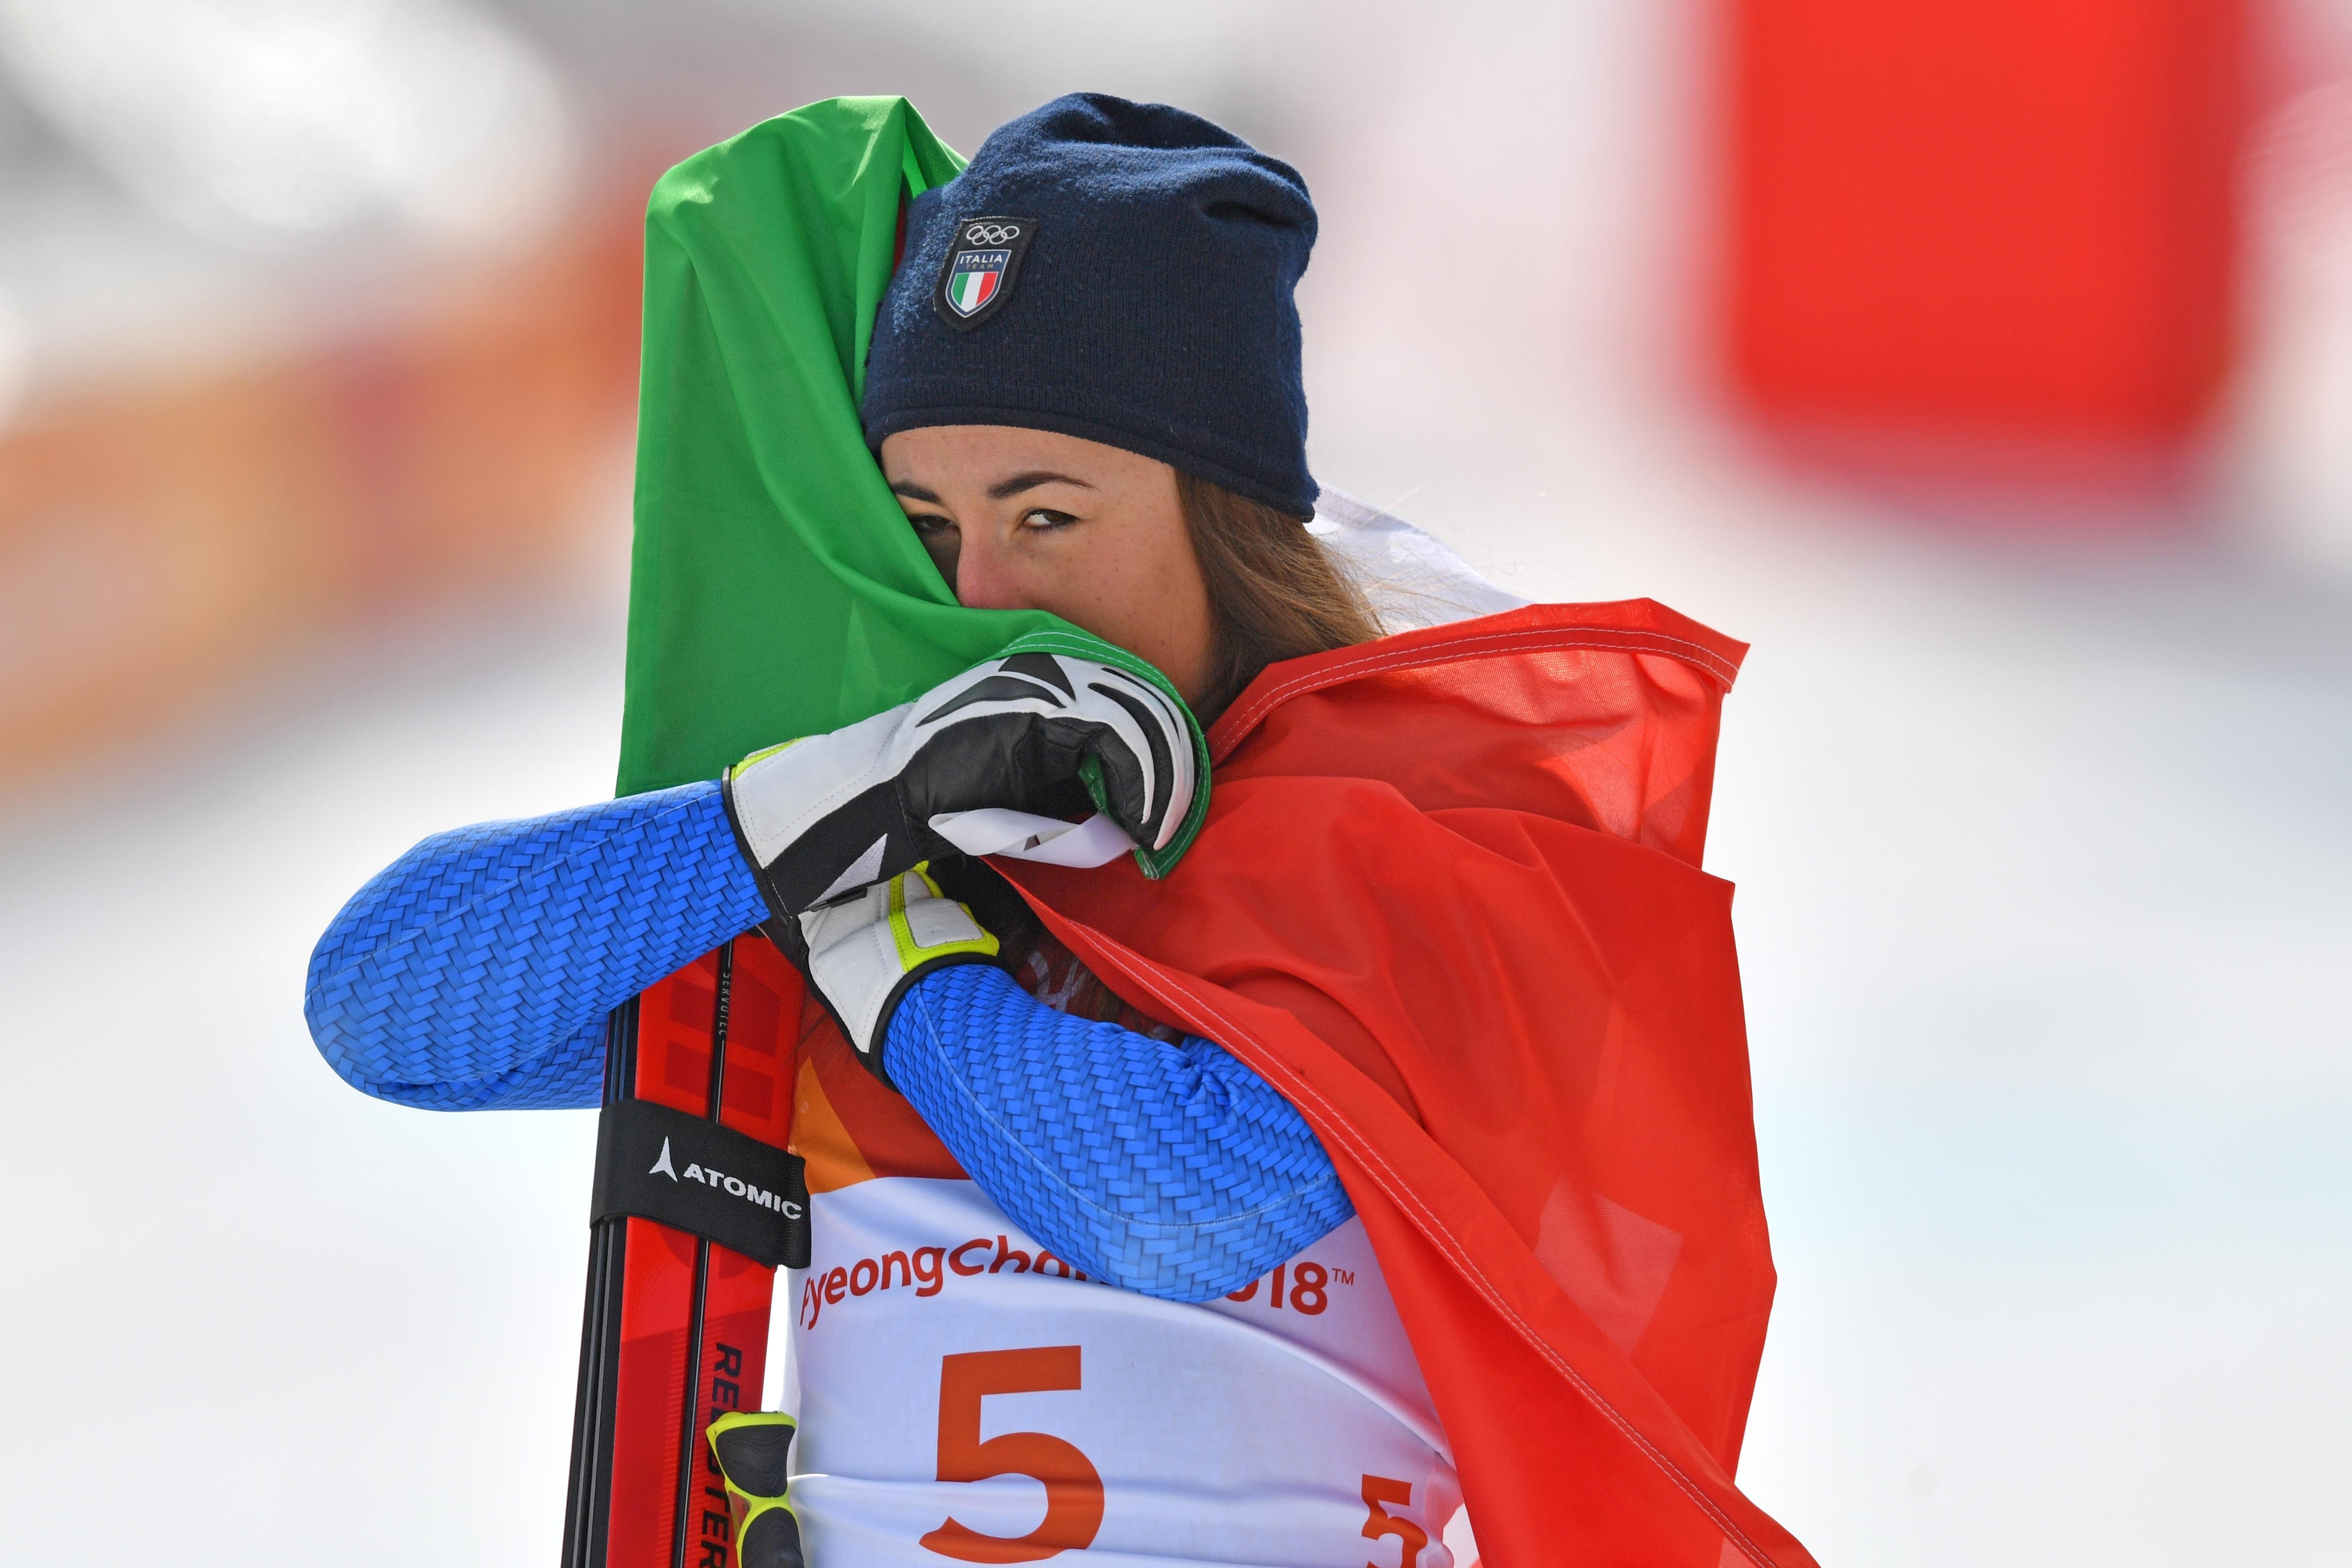 Le foto più belle della sciatrice Sofia Goggia, oro alle Olimpiadi / Image 7